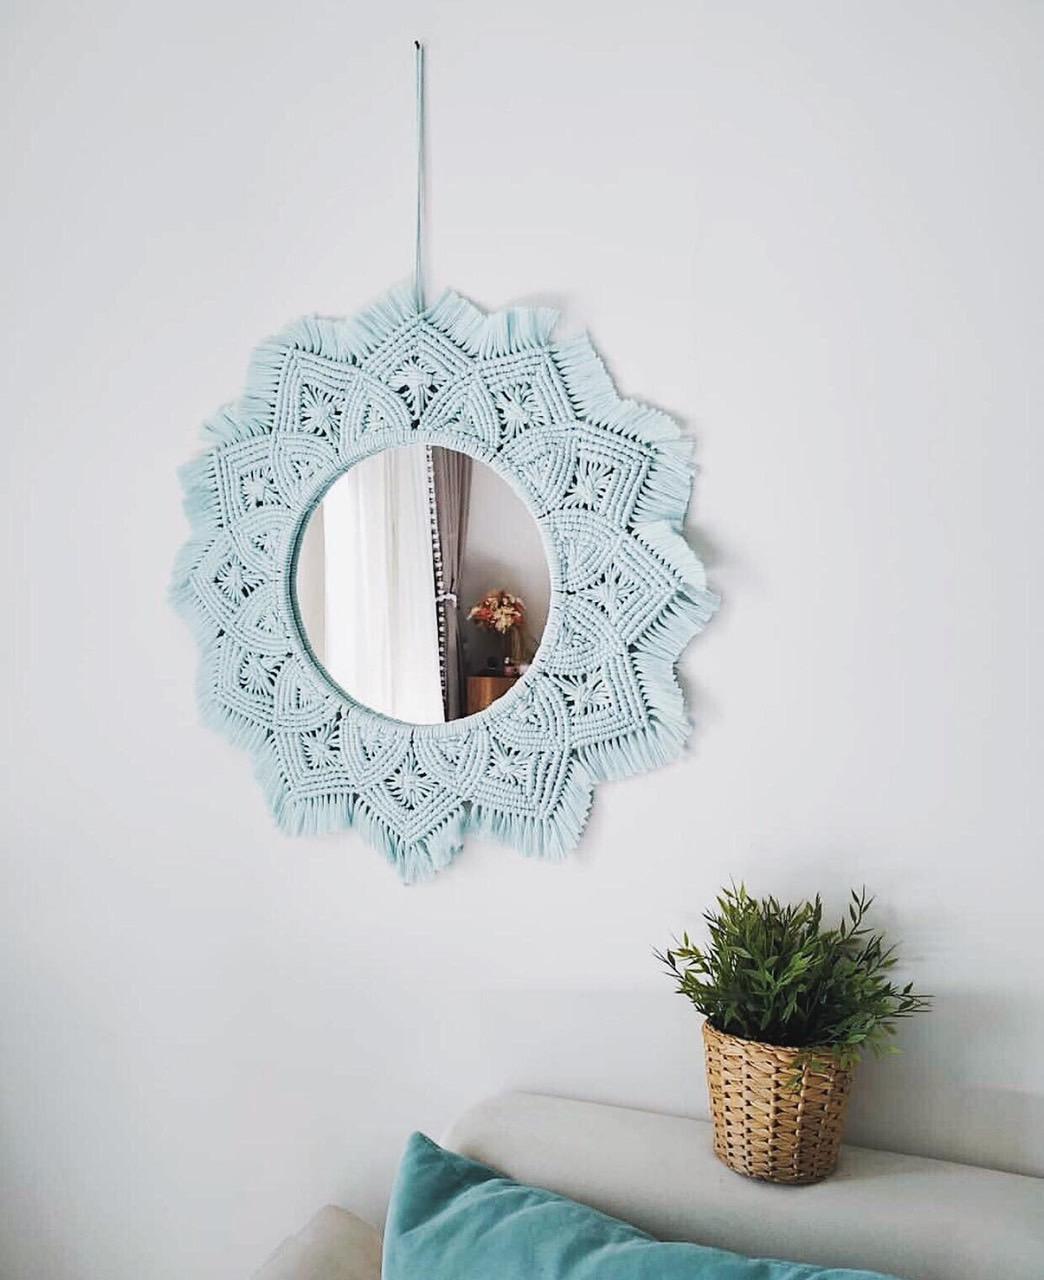 Gương tròn macrame treo tường trang trí đường kính 30cm giá rẻ